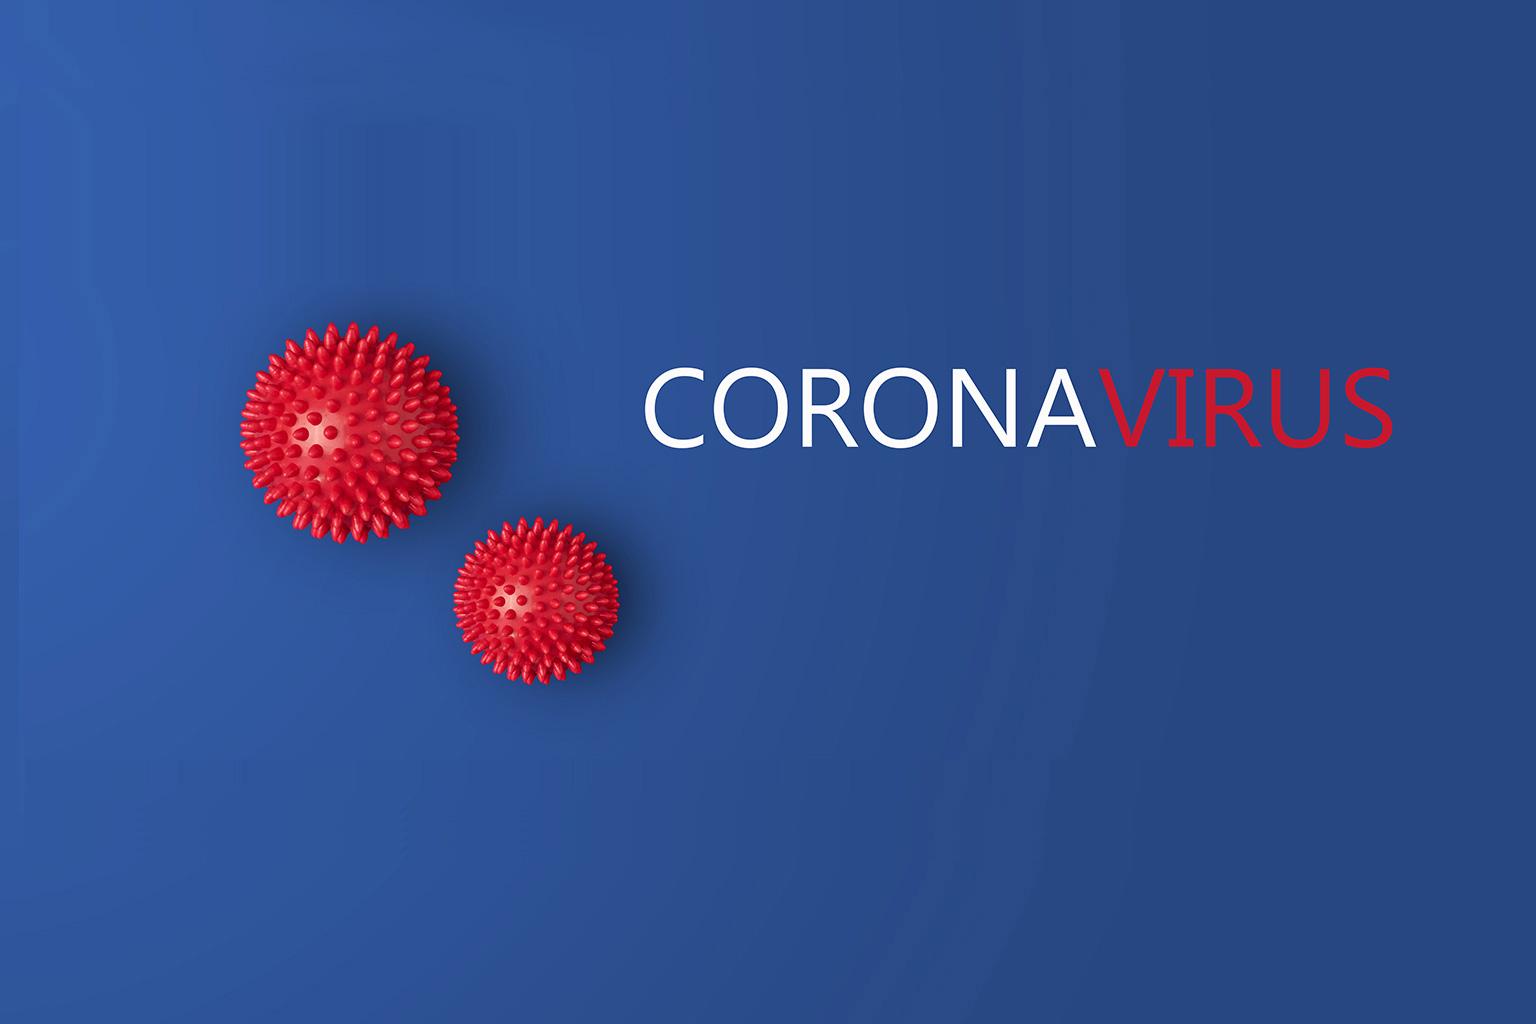 CORONAVIRUS: L'ORDINANZA RESTRITTIVA DEL PRESIDENTE DELLA REGIONE VENETO